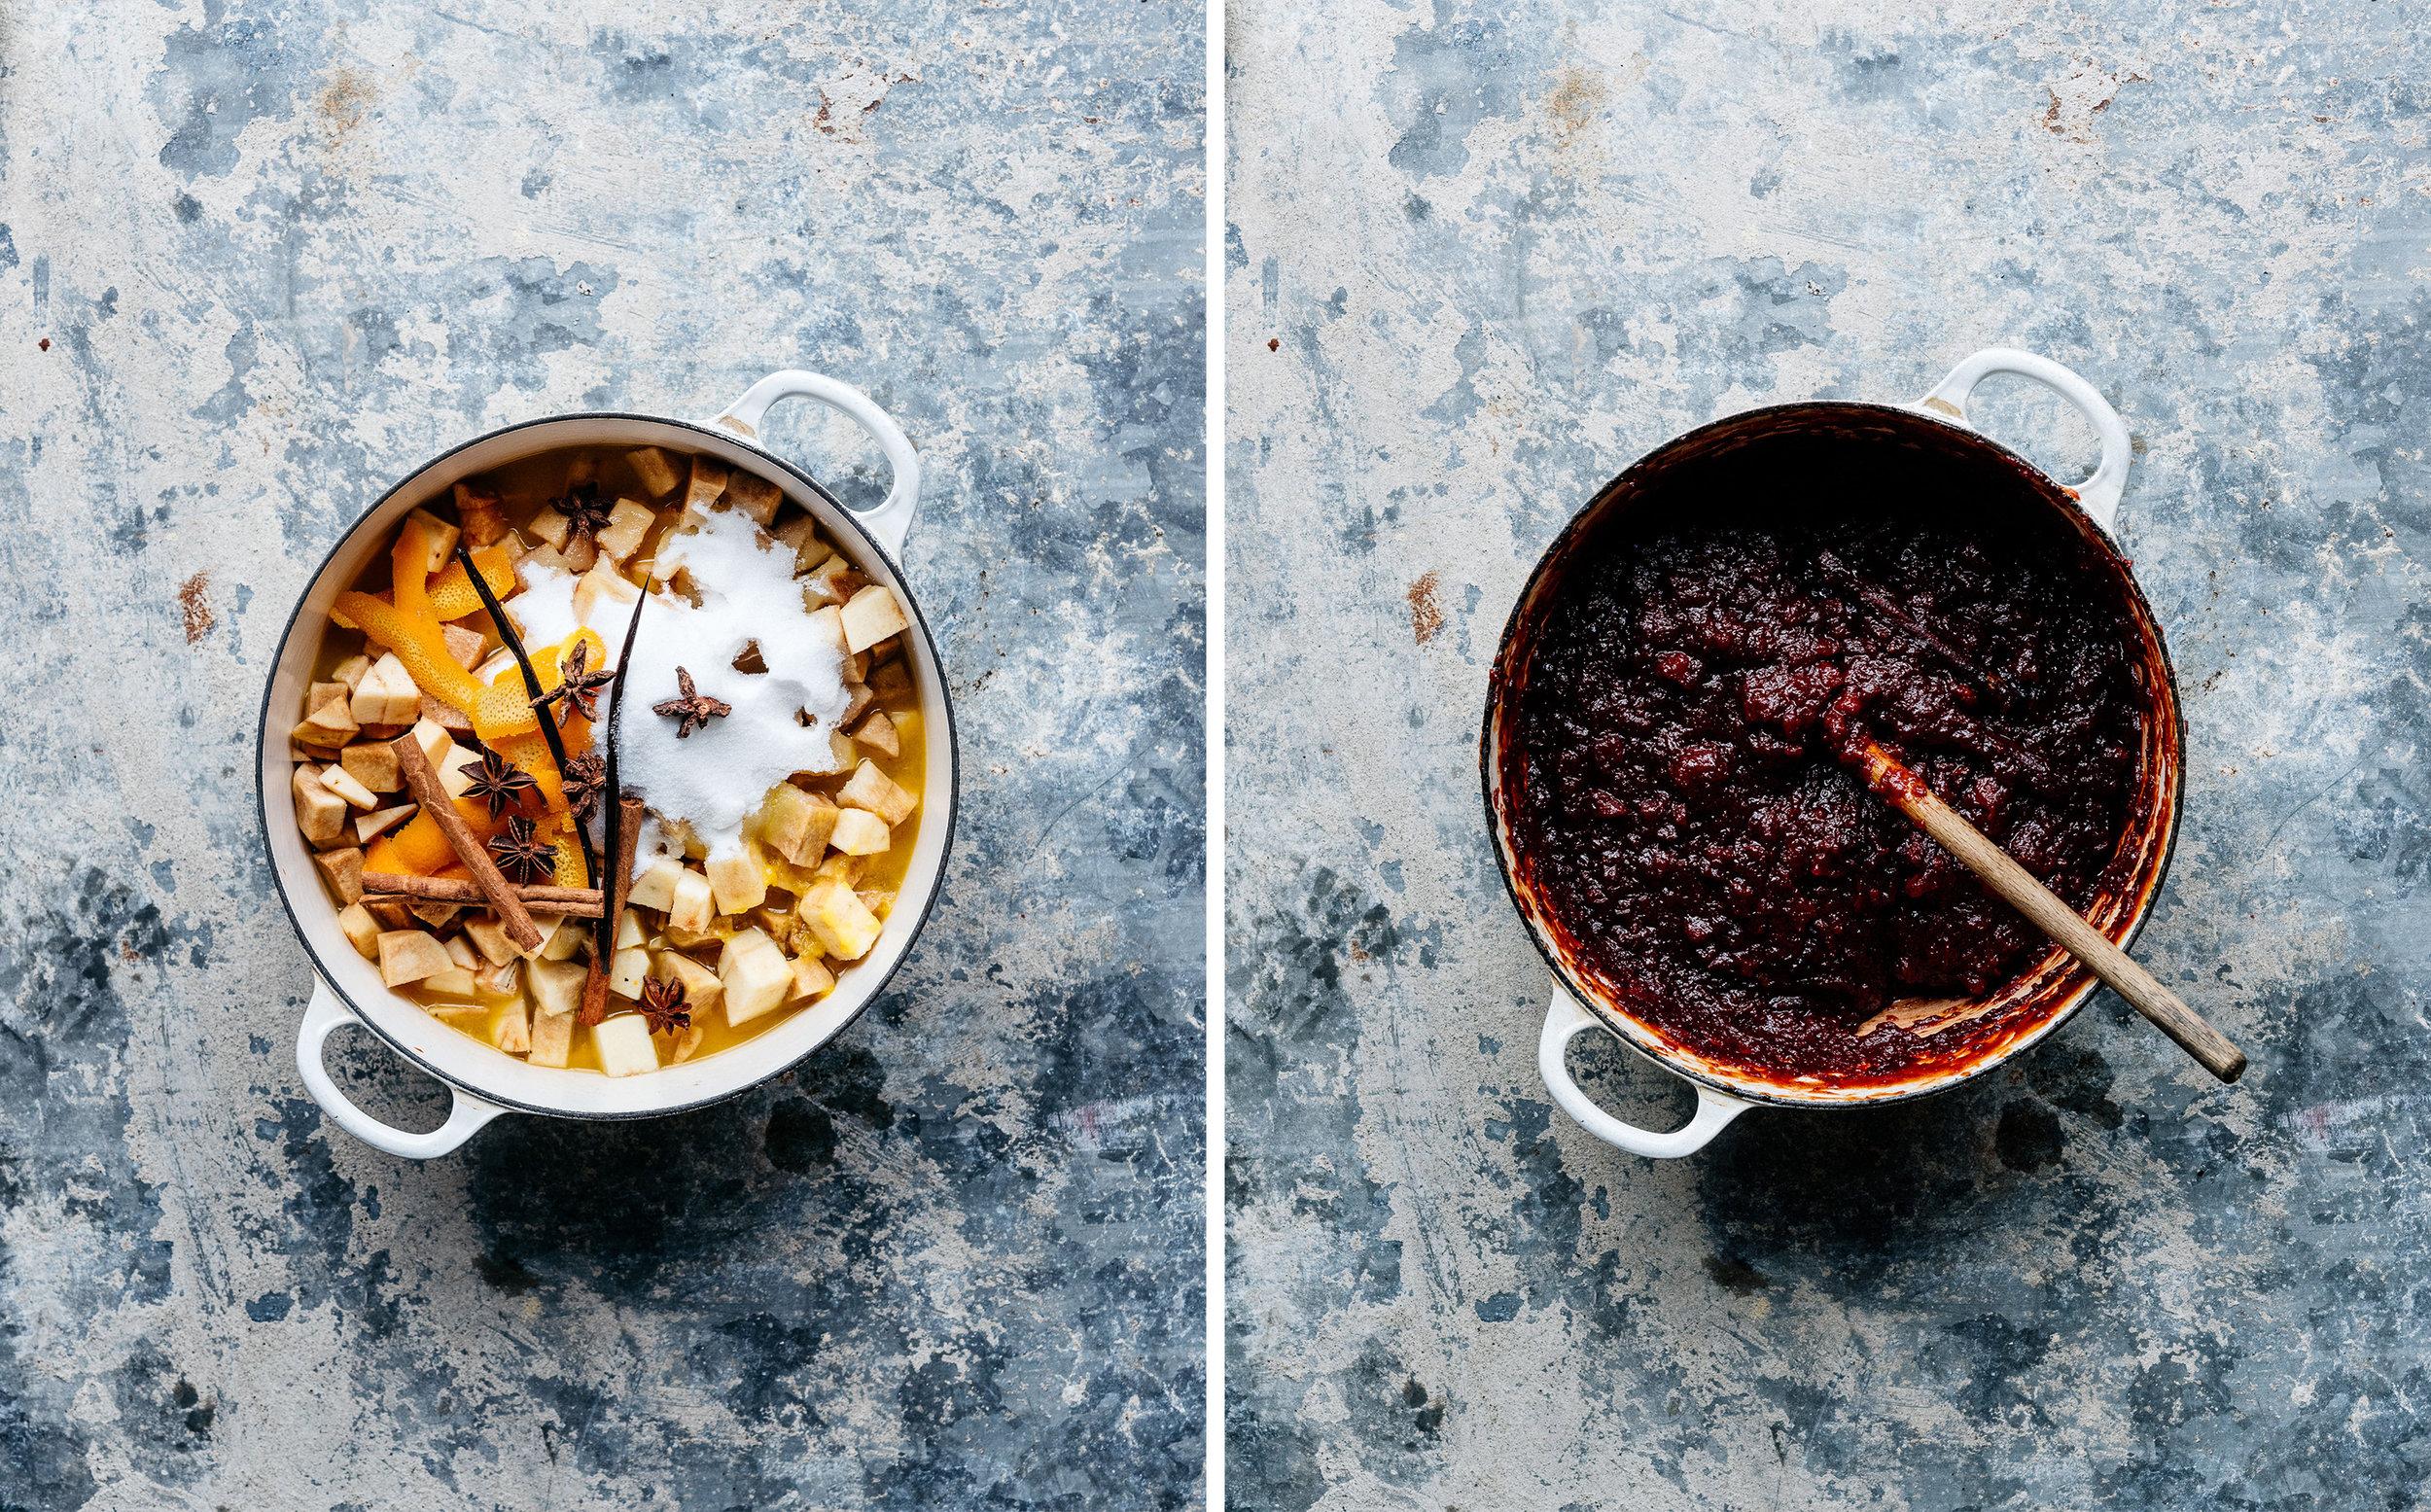 Al-Brown-Eat-Up-NZ-Cookbook-Josh-Griggs-Photographer-Splits-17.jpg